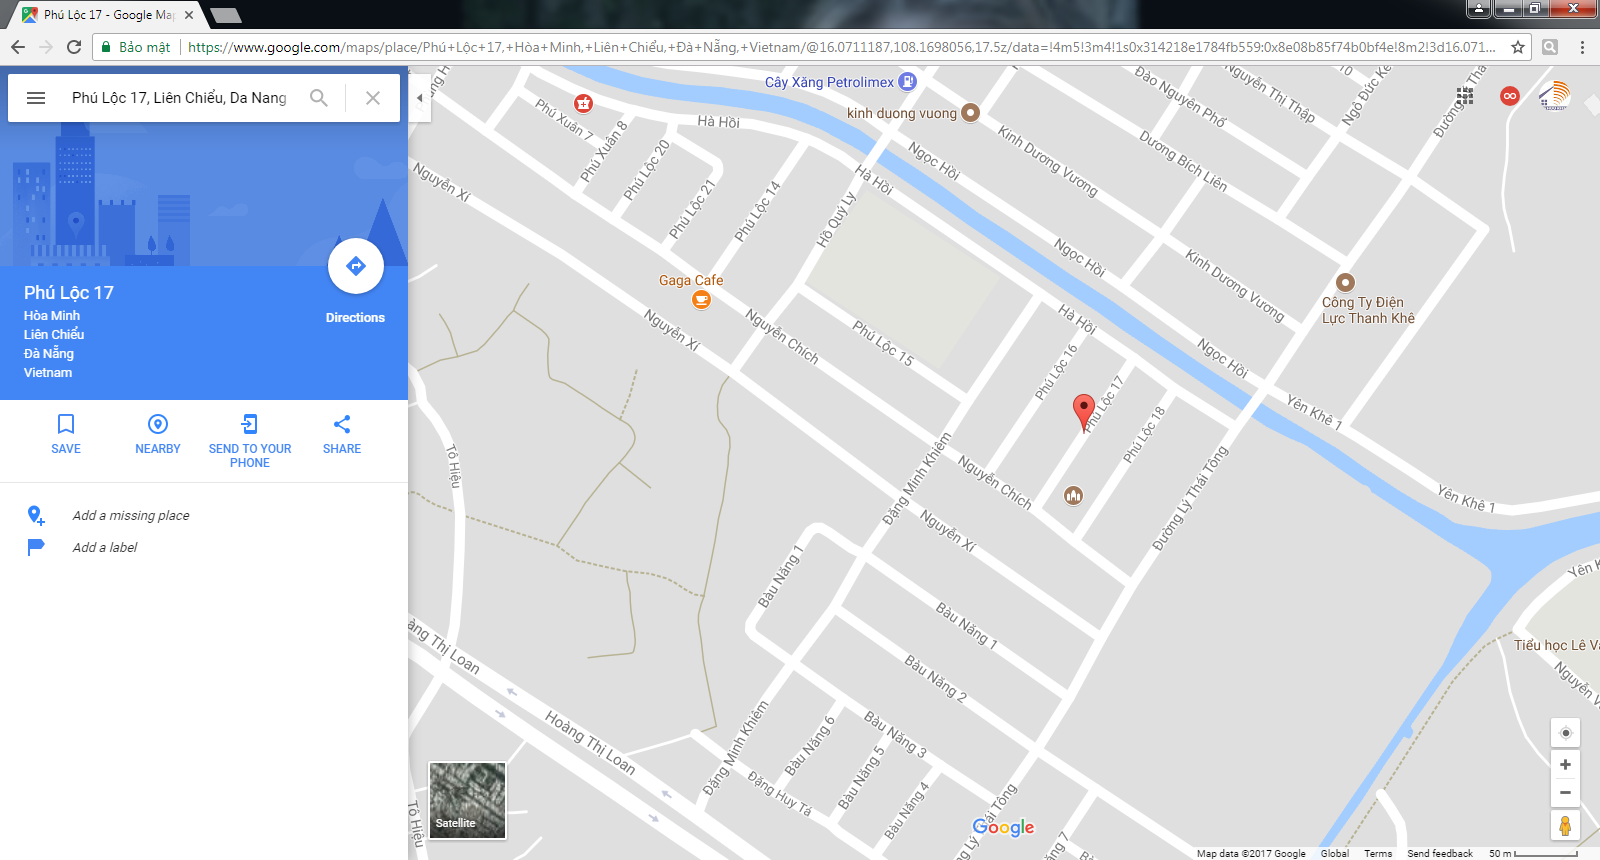 Bán Lô đất Phú Lộc 17 ngay gần ngã ba Nguyễn Chích